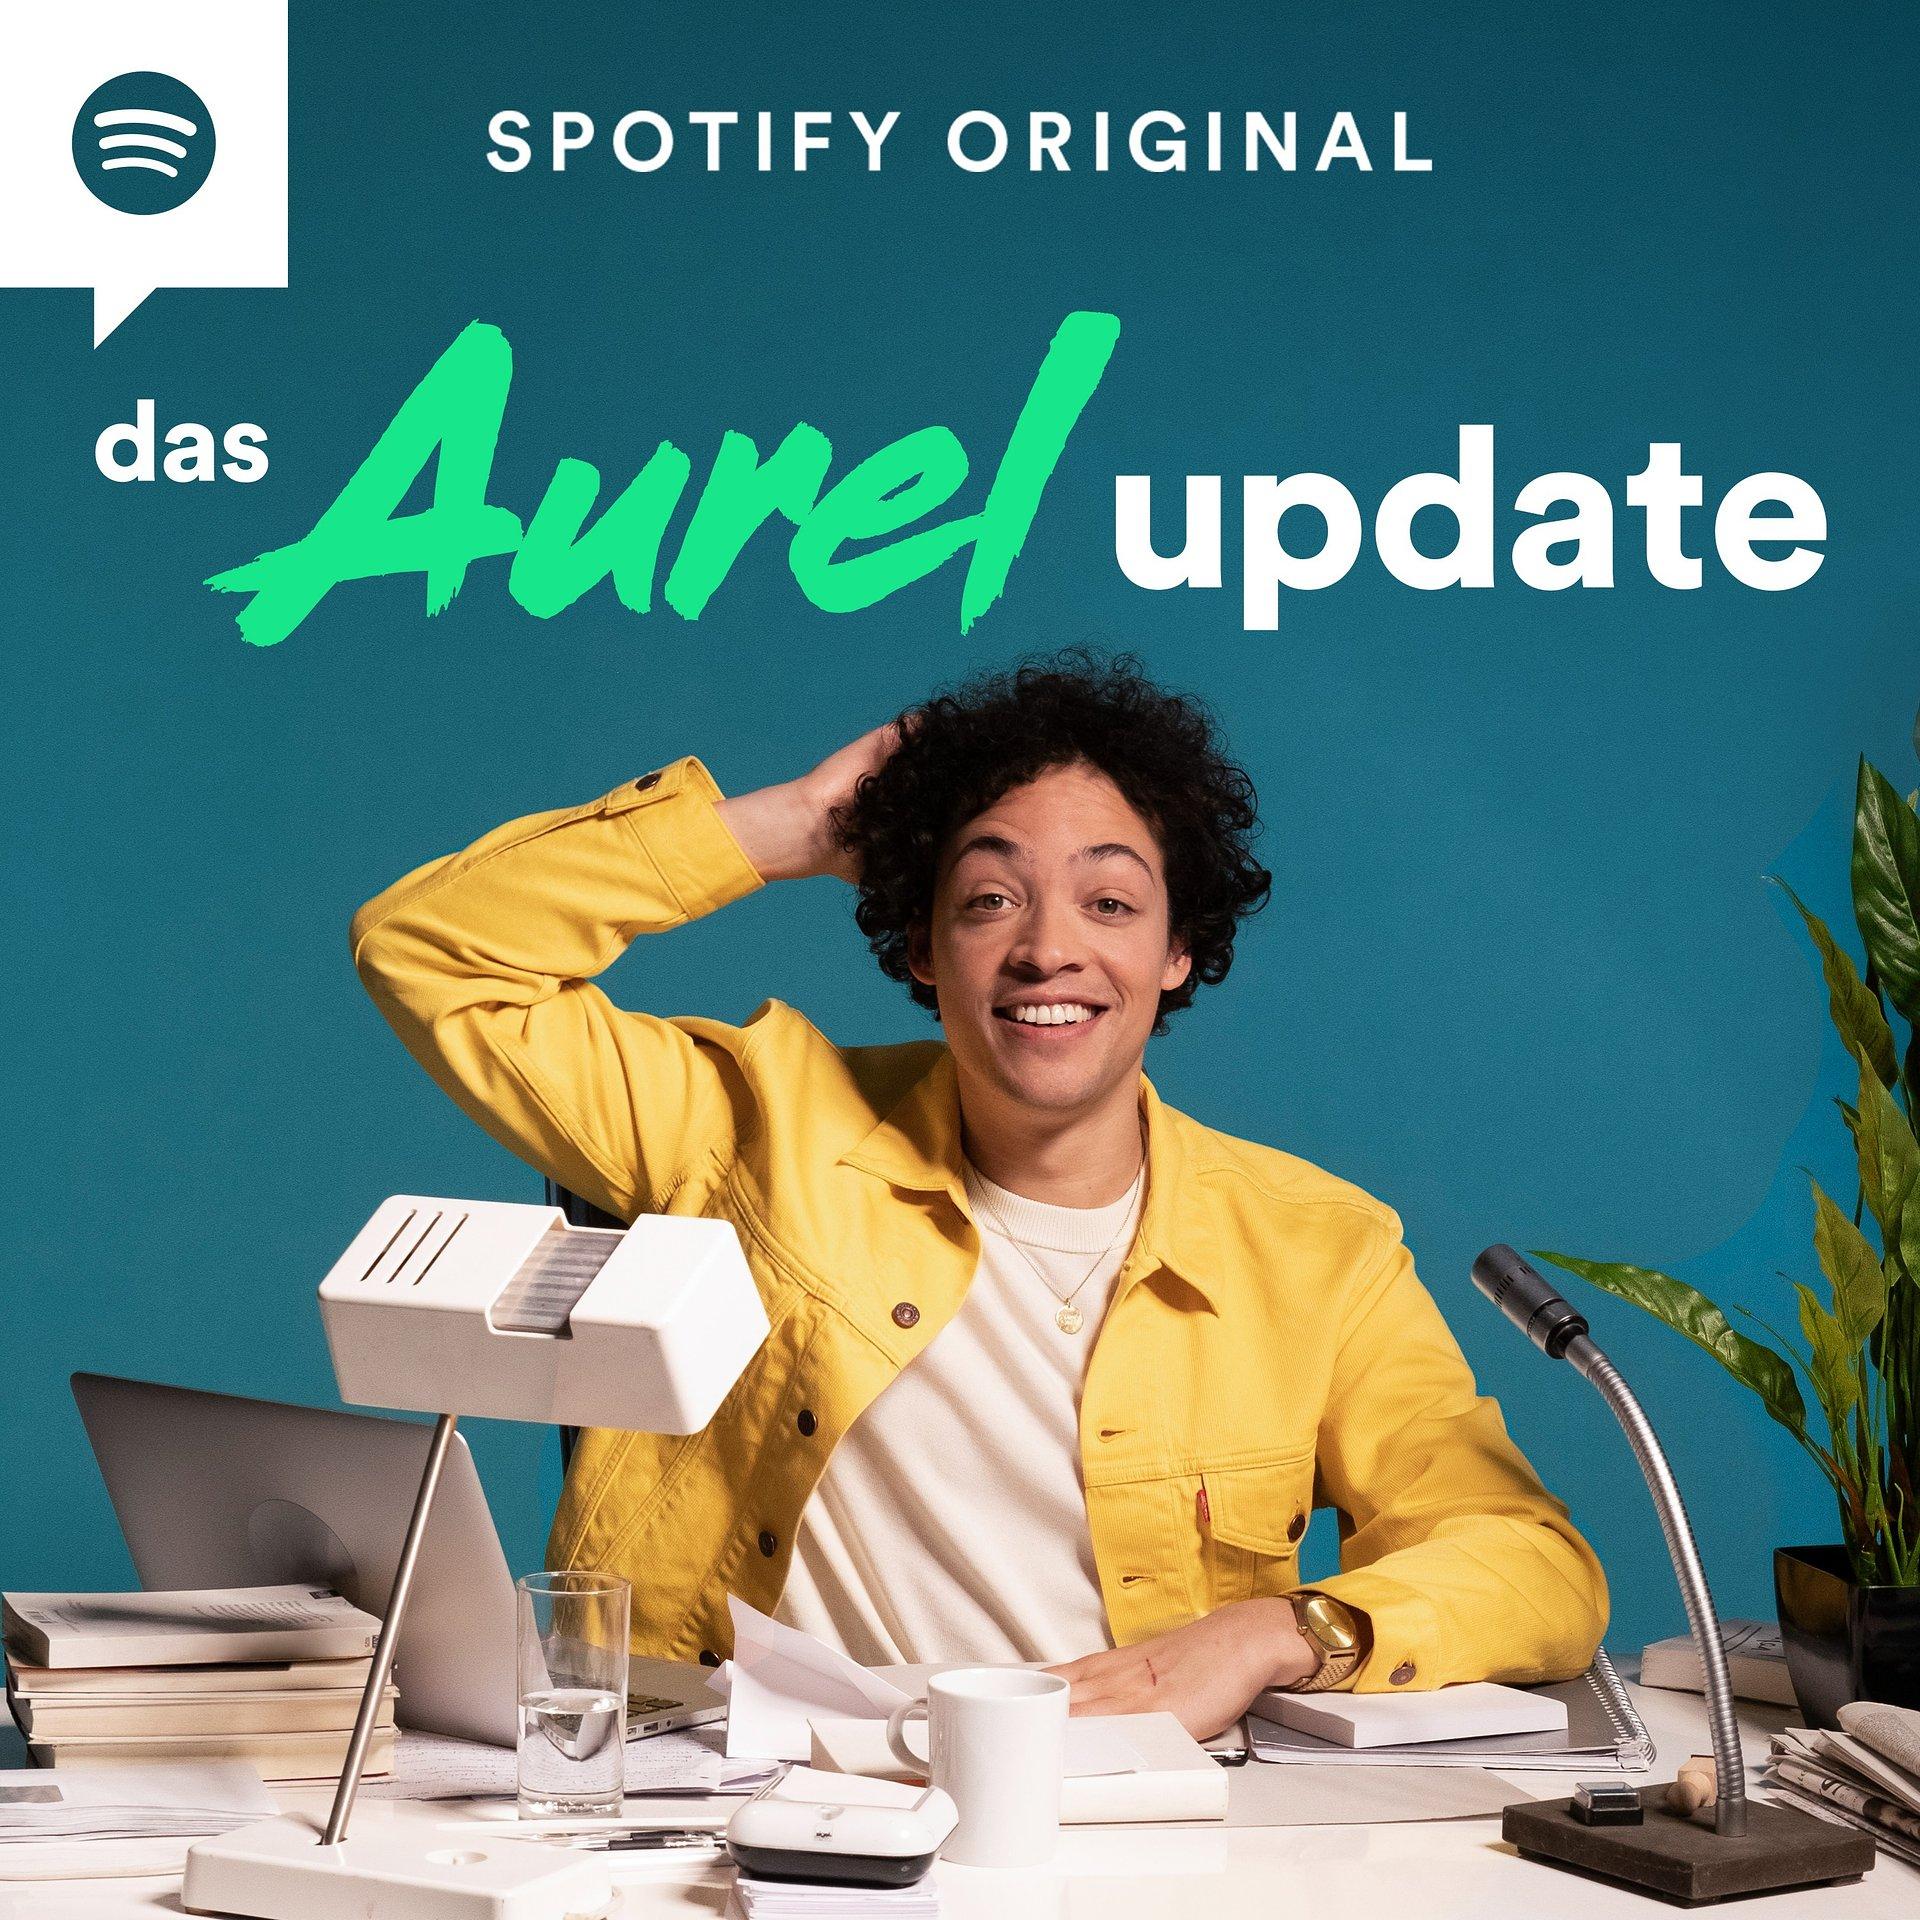 """Aurel Mertz mit neuem Spotify Original Podcast """"Das Aurel Update"""""""